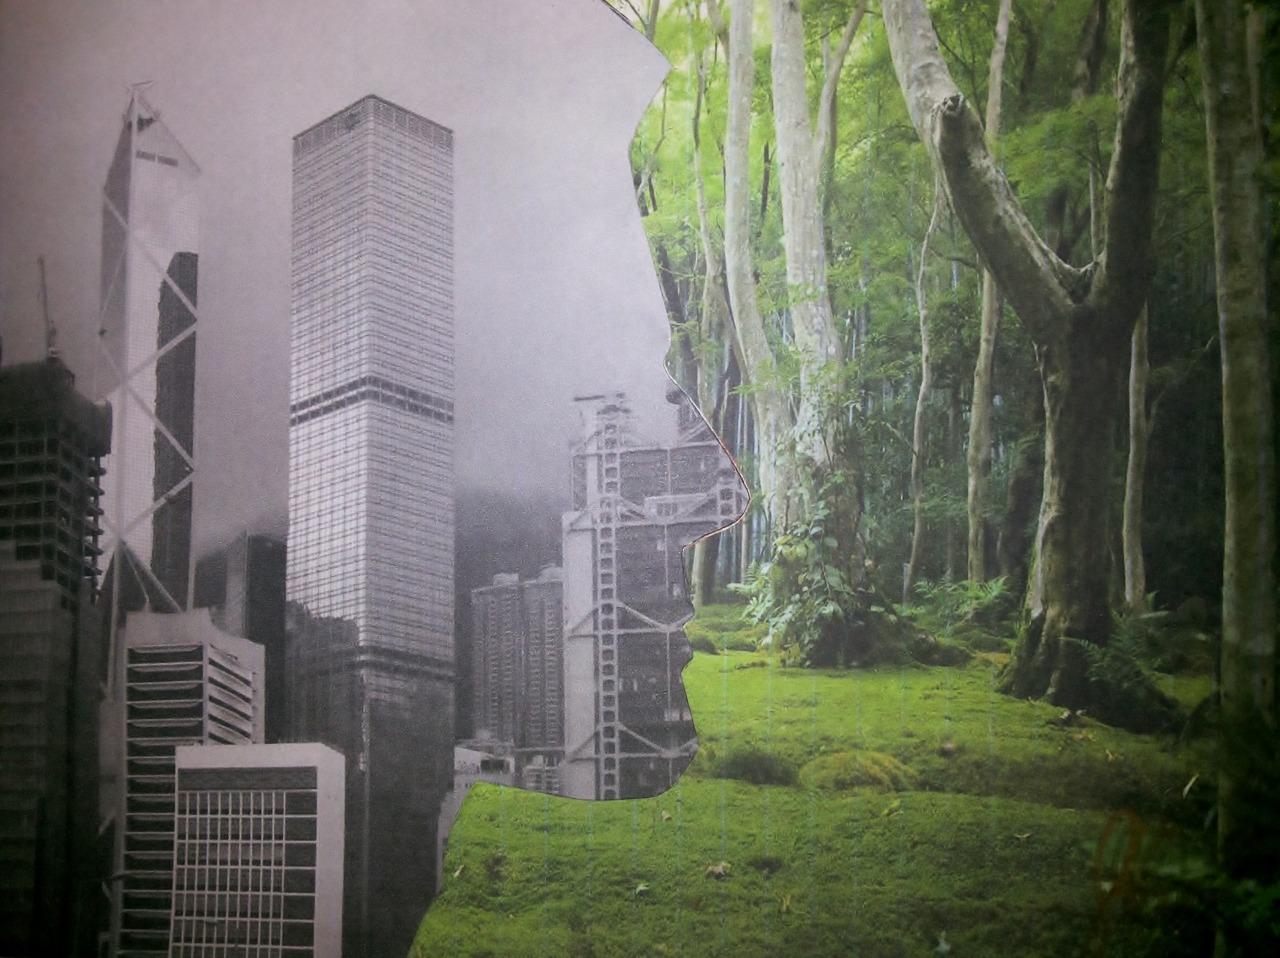 Y este es mi ultimo collage sobre rostro-paisaje. En este quise expresar algo similar a lo que exprese en el collage de paisaje. Este collage representa como el hombre últimamente solo piensa en ciudades, en construir, sin importarle la naturaleza. Cuando ve un paisaje hermoso en vez de pensarlo como un lugar de descanso, lo ve como un terreno para contruir, en vez de arboles, ve edificios, en vez de nubes ve smog.